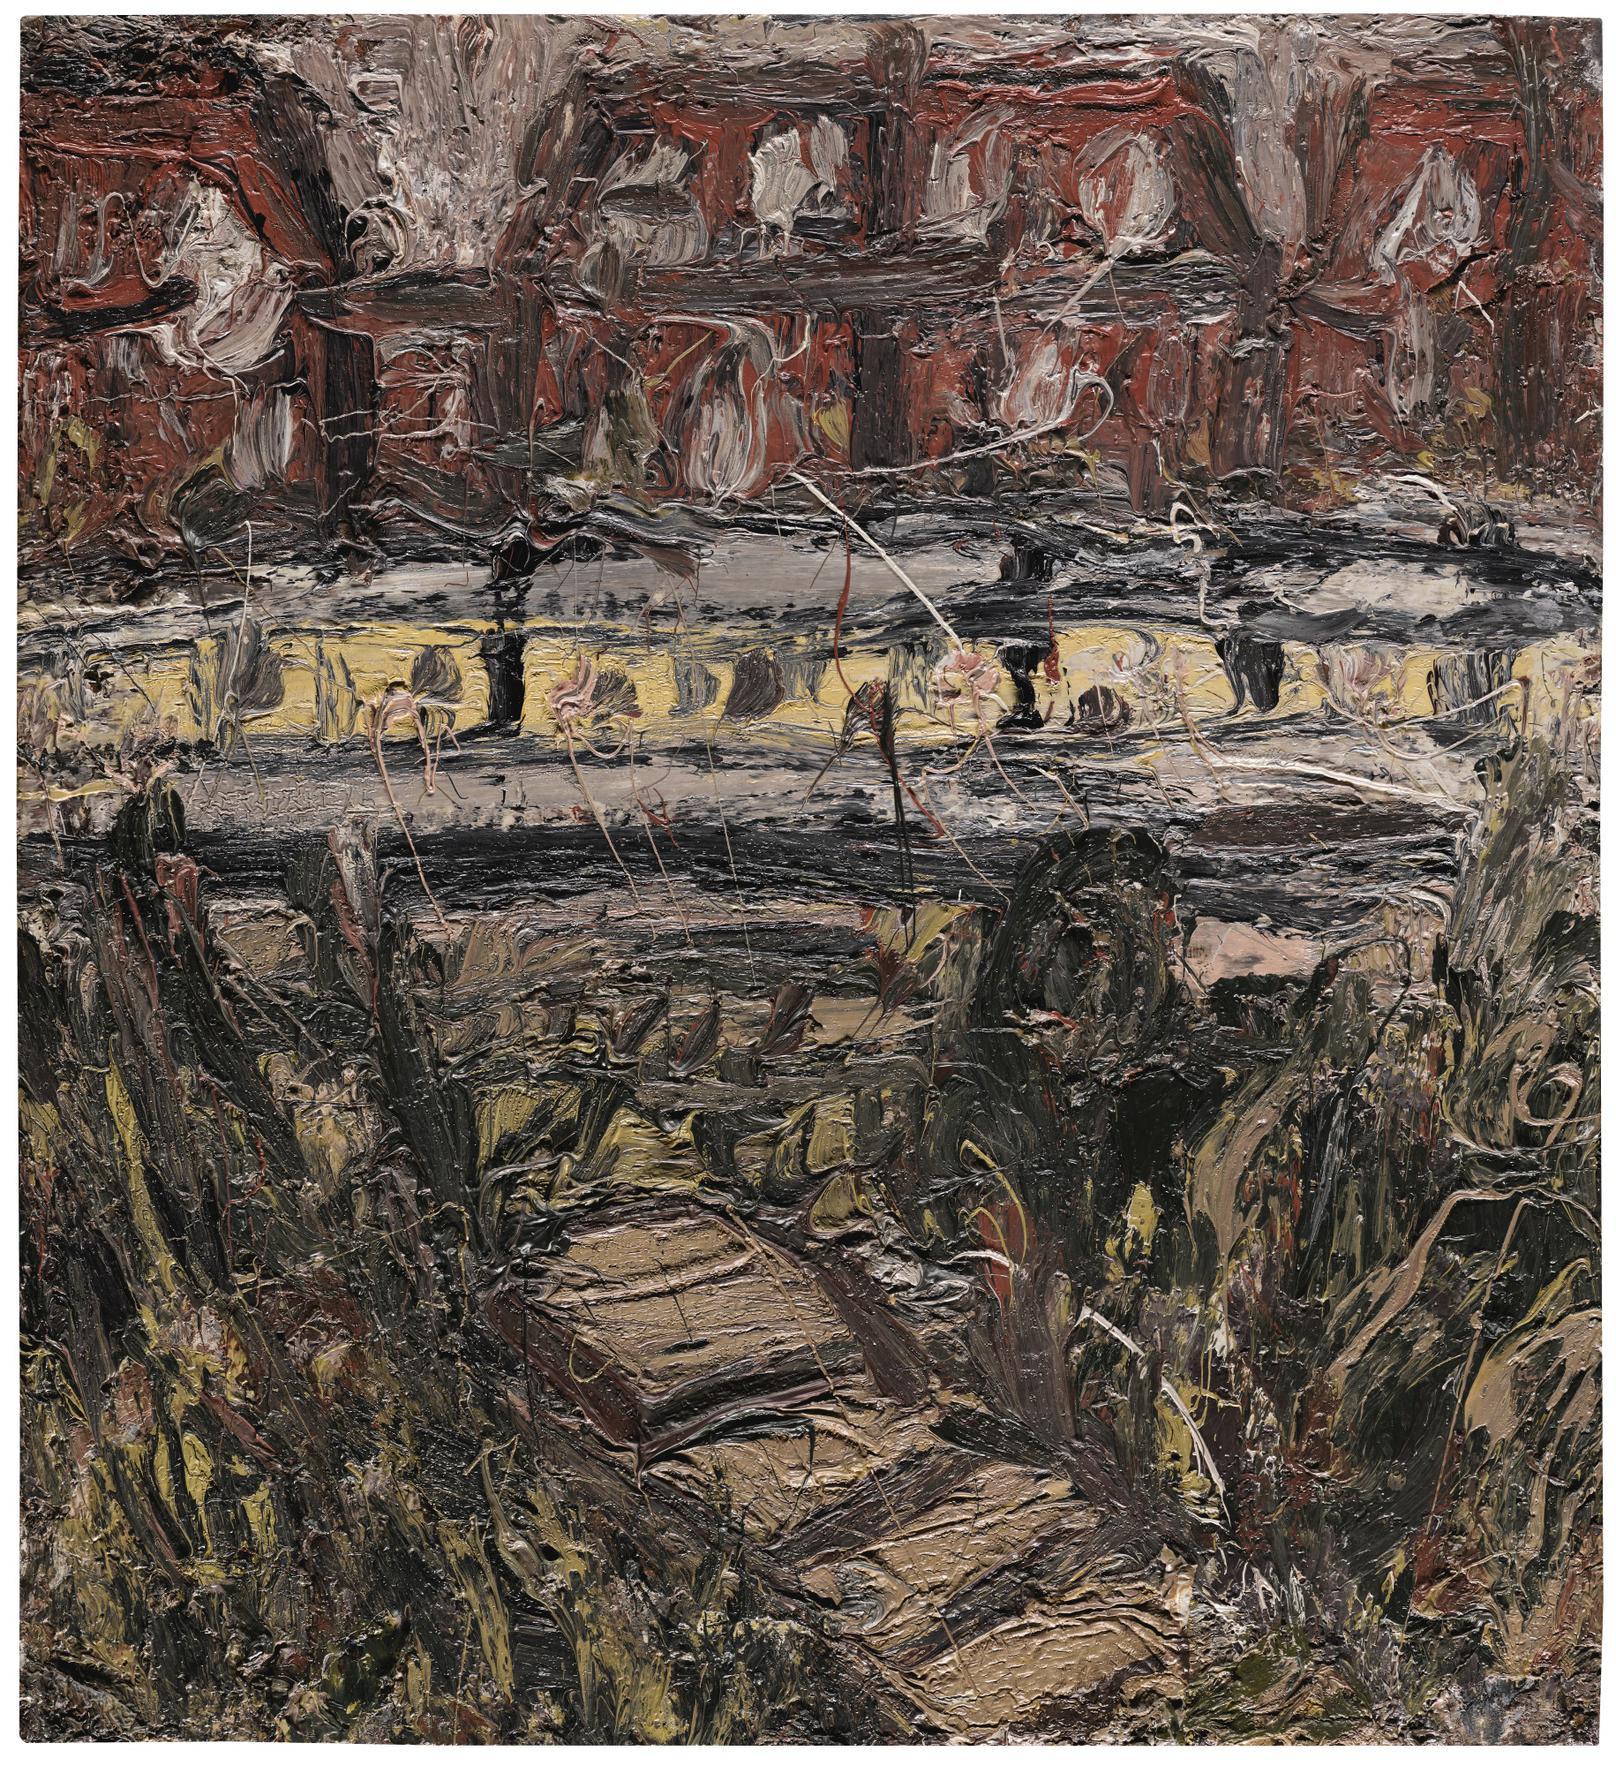 Leon Kossoff-The Tube-1987